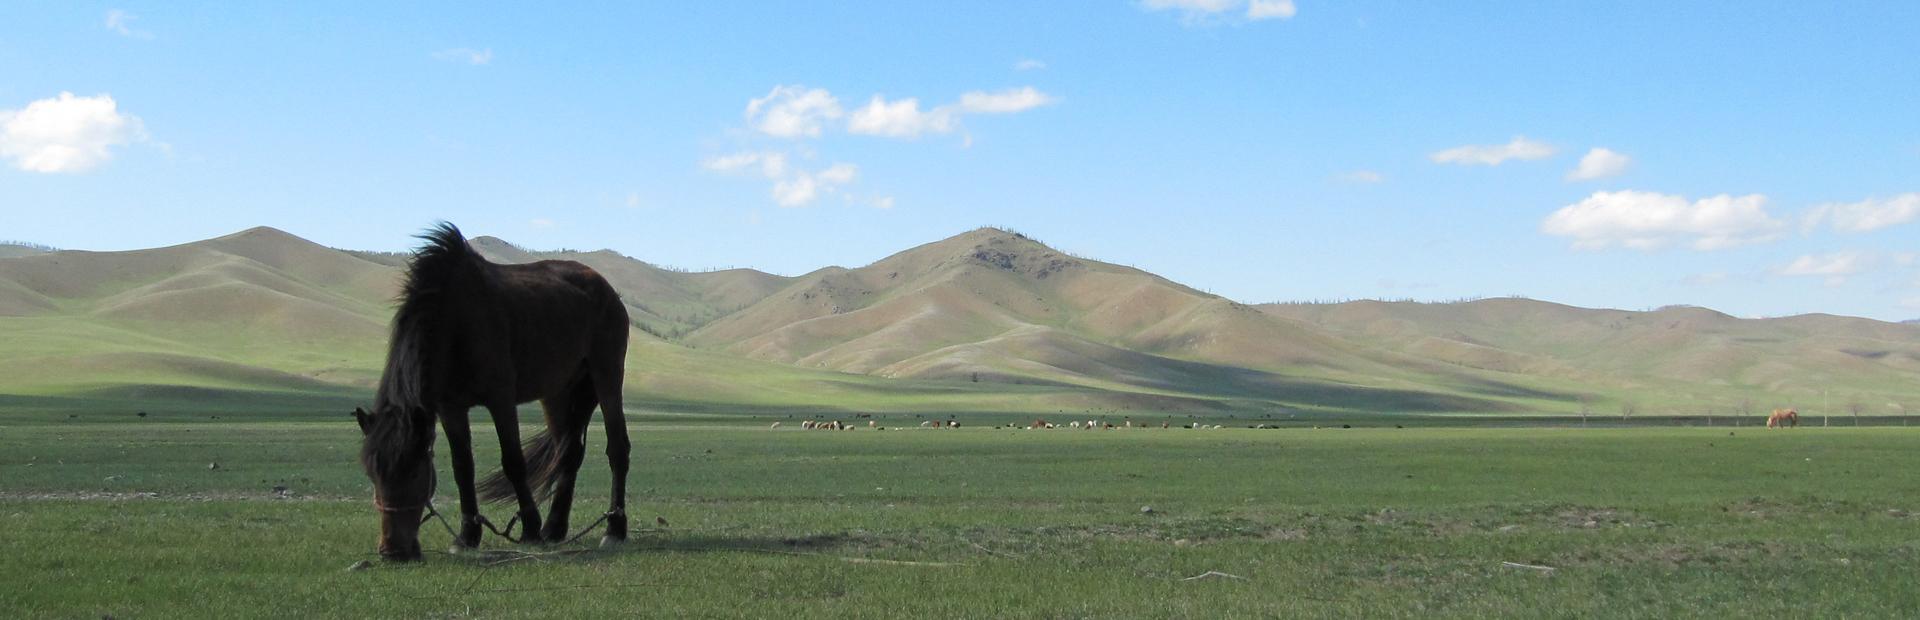 mongoliaslider